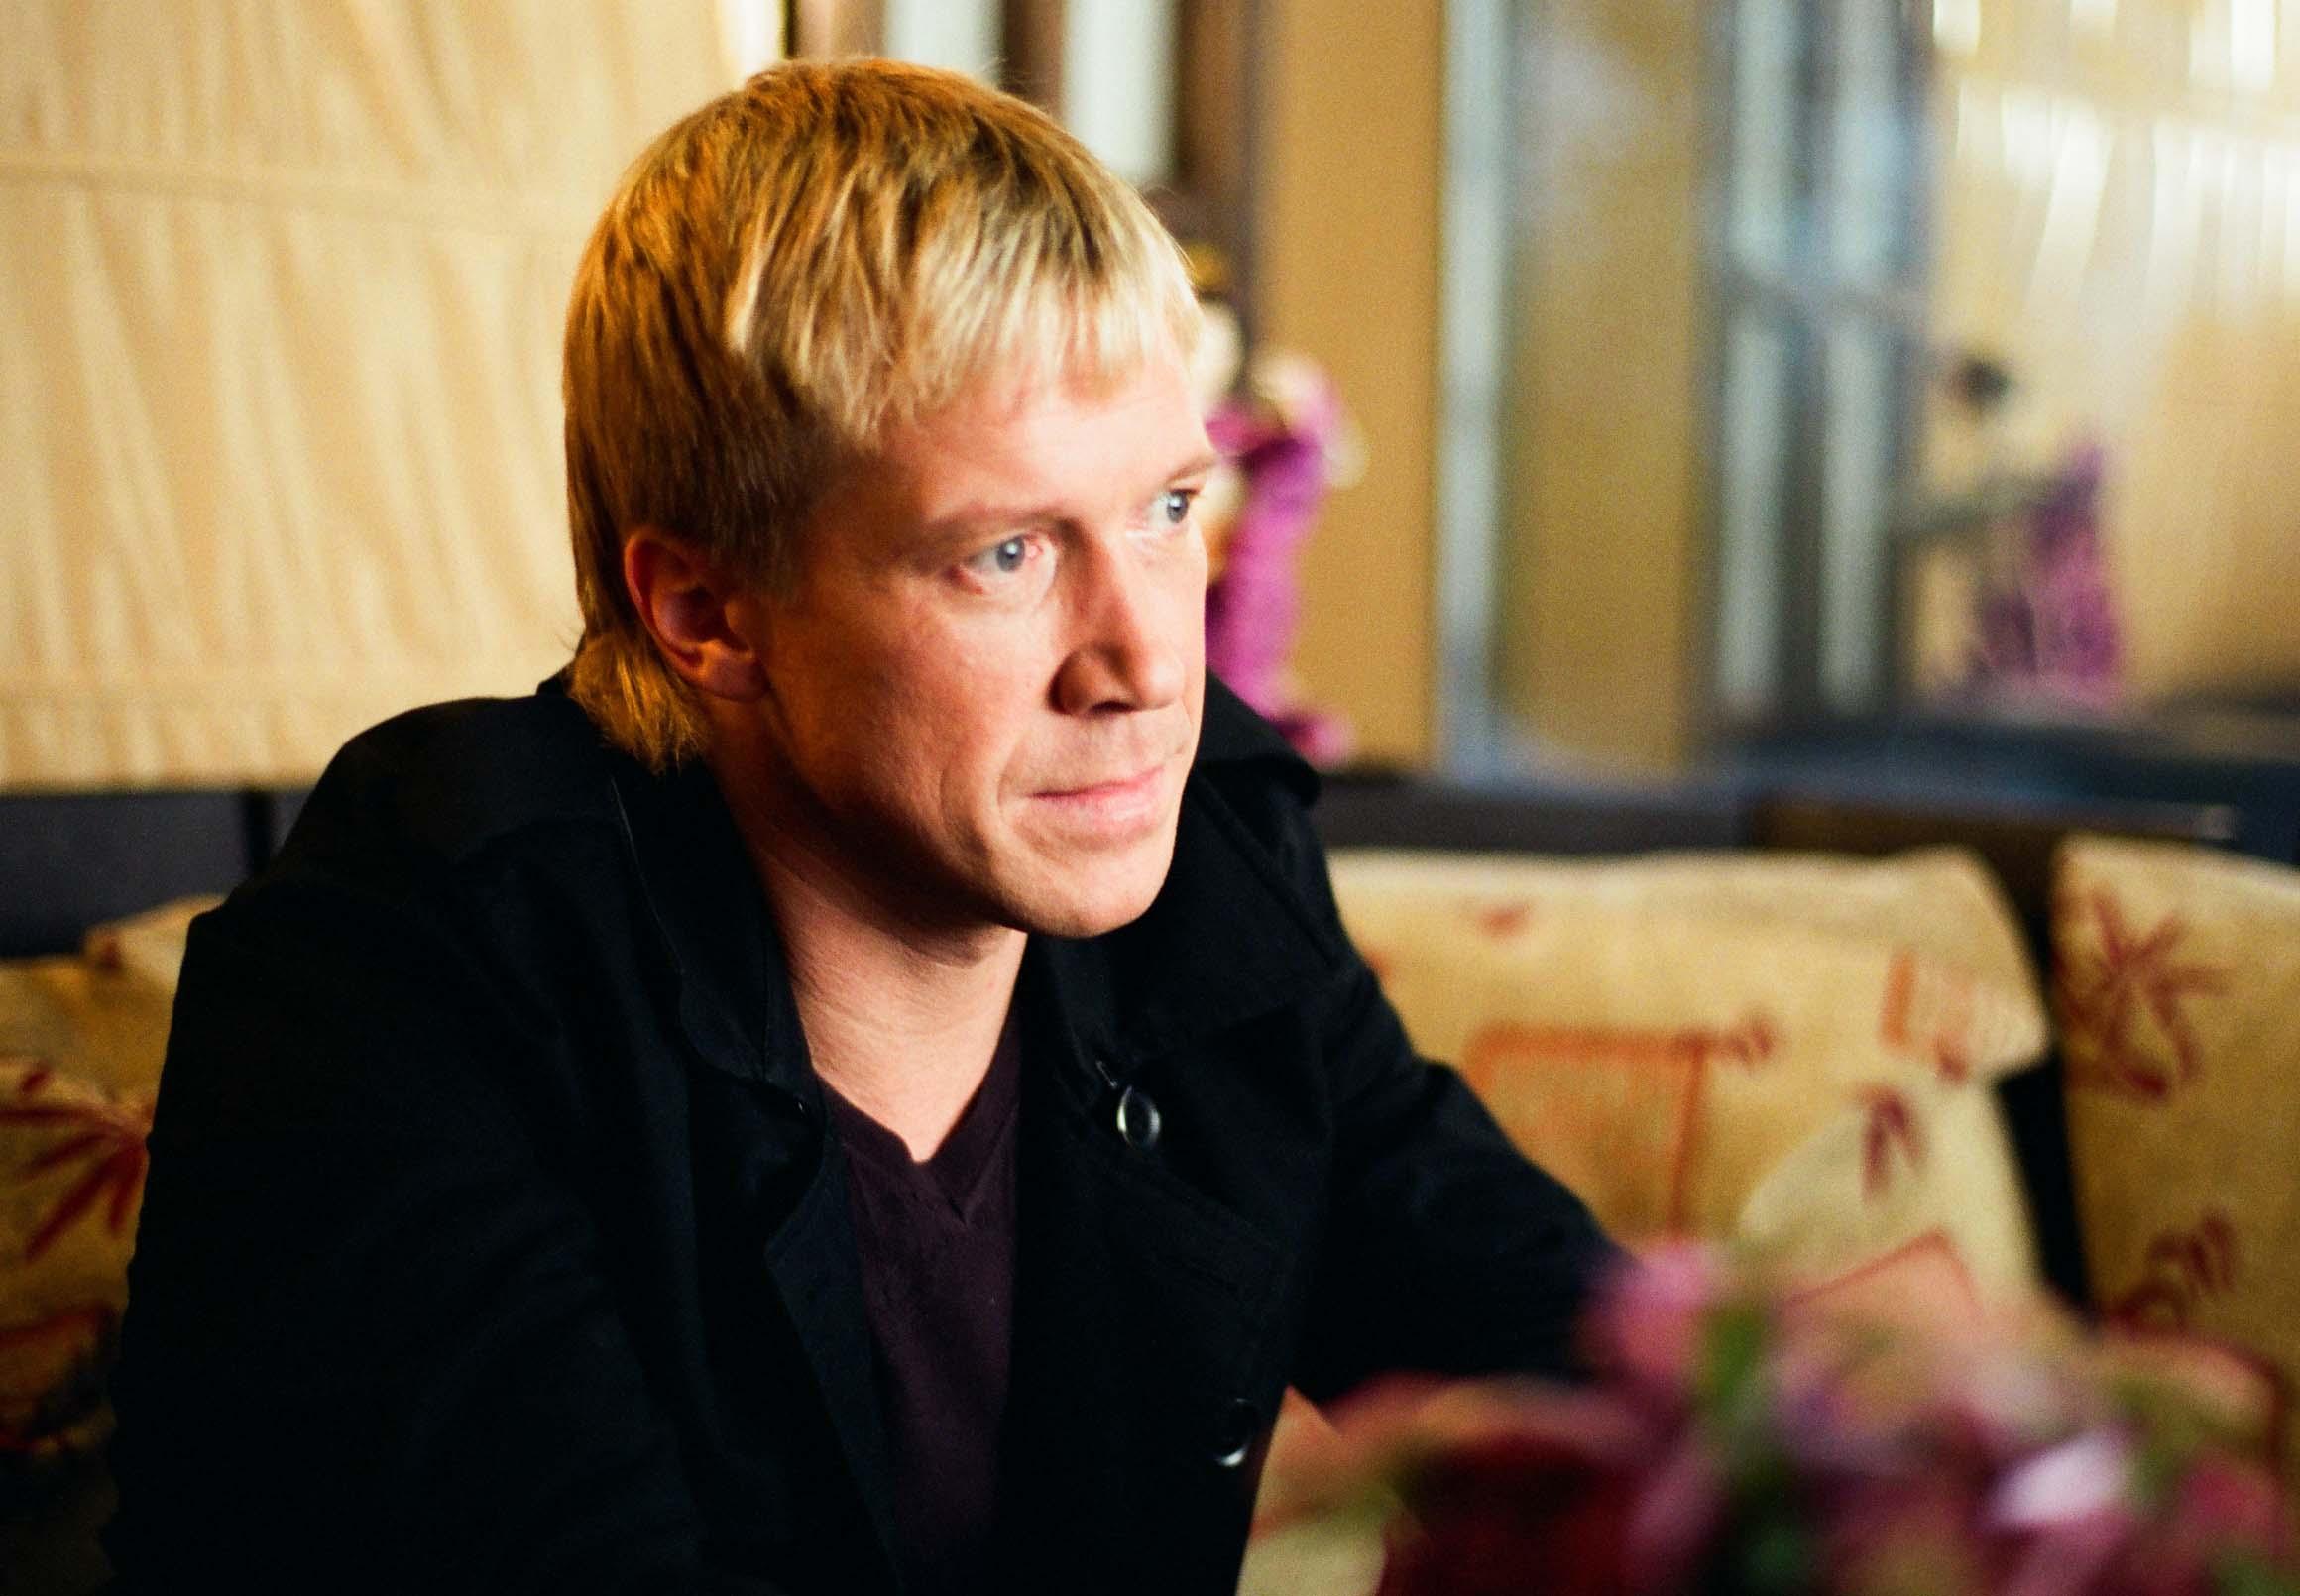 Алексей Кравченко: биография, личная жизнь, семья, жена, дети — фото